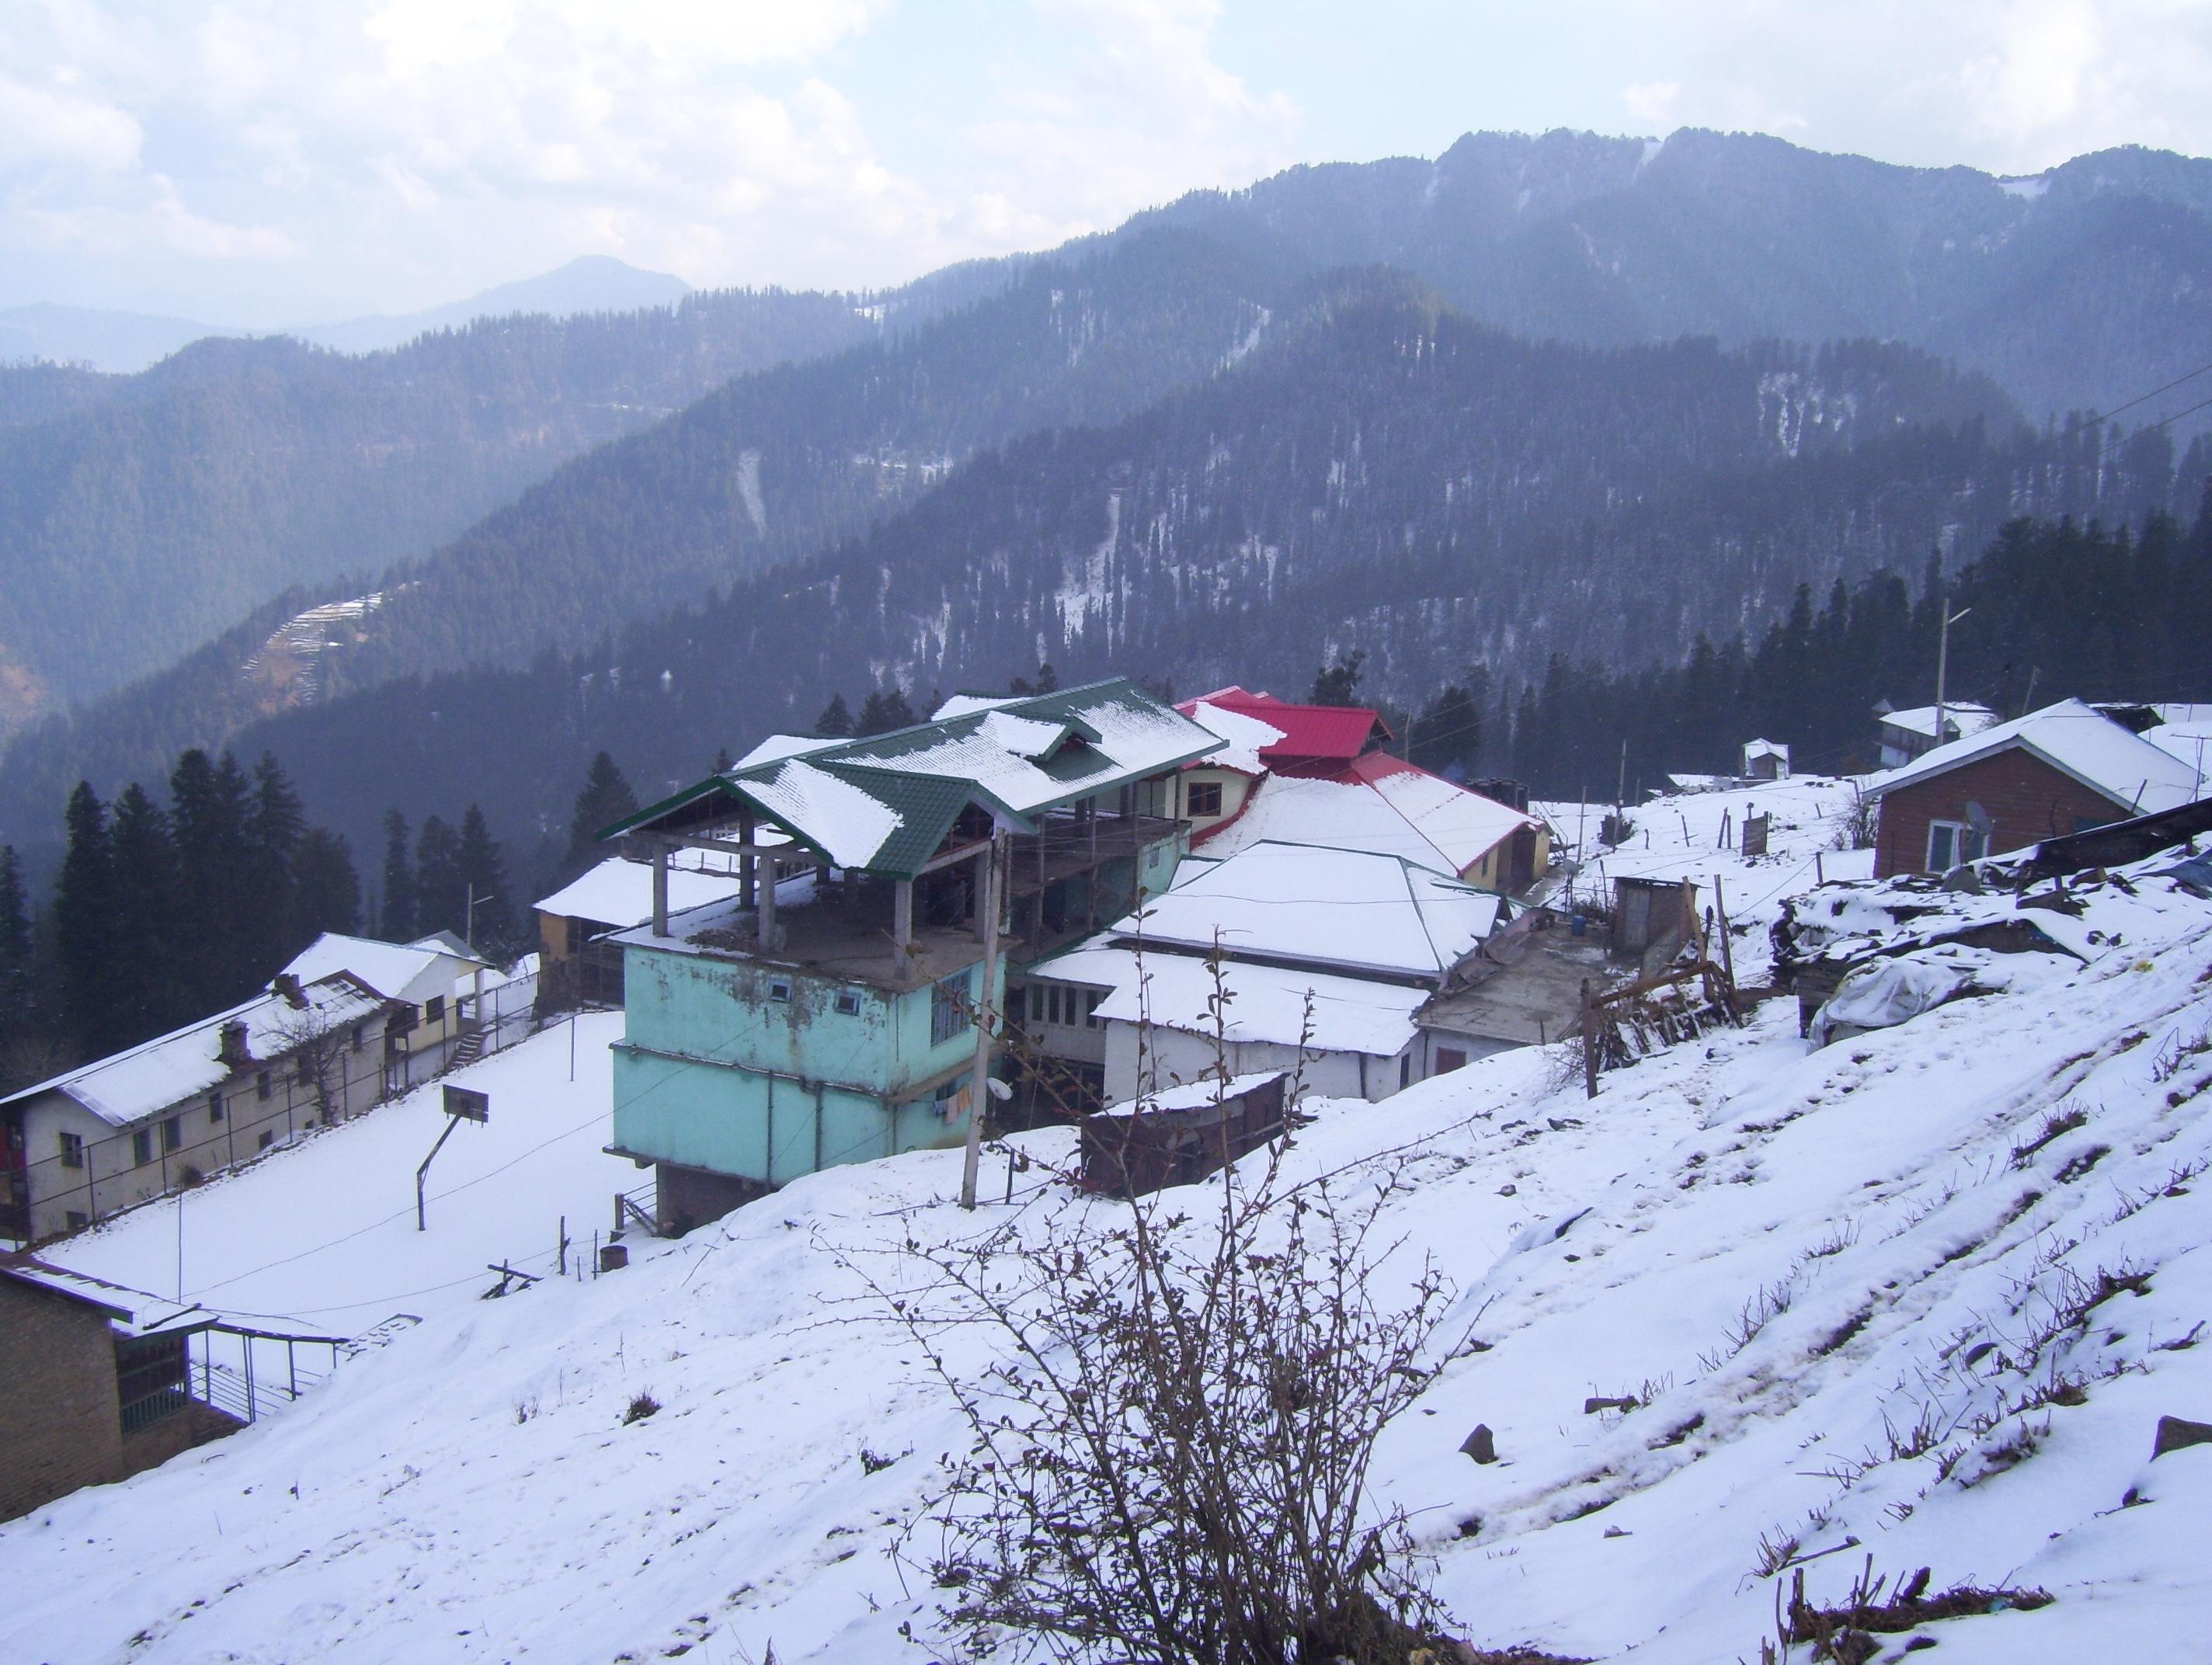 Dalhousie - Dharamshala - Manali